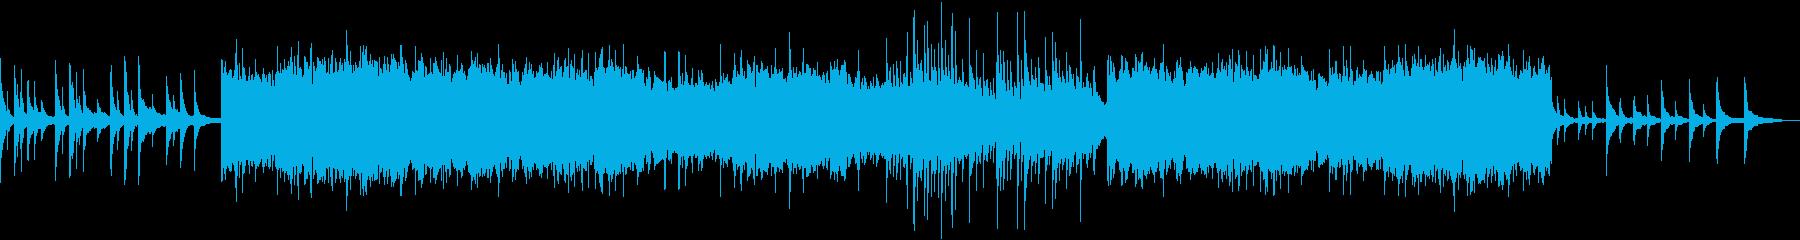 物語向けロマンティックなハープの曲の再生済みの波形